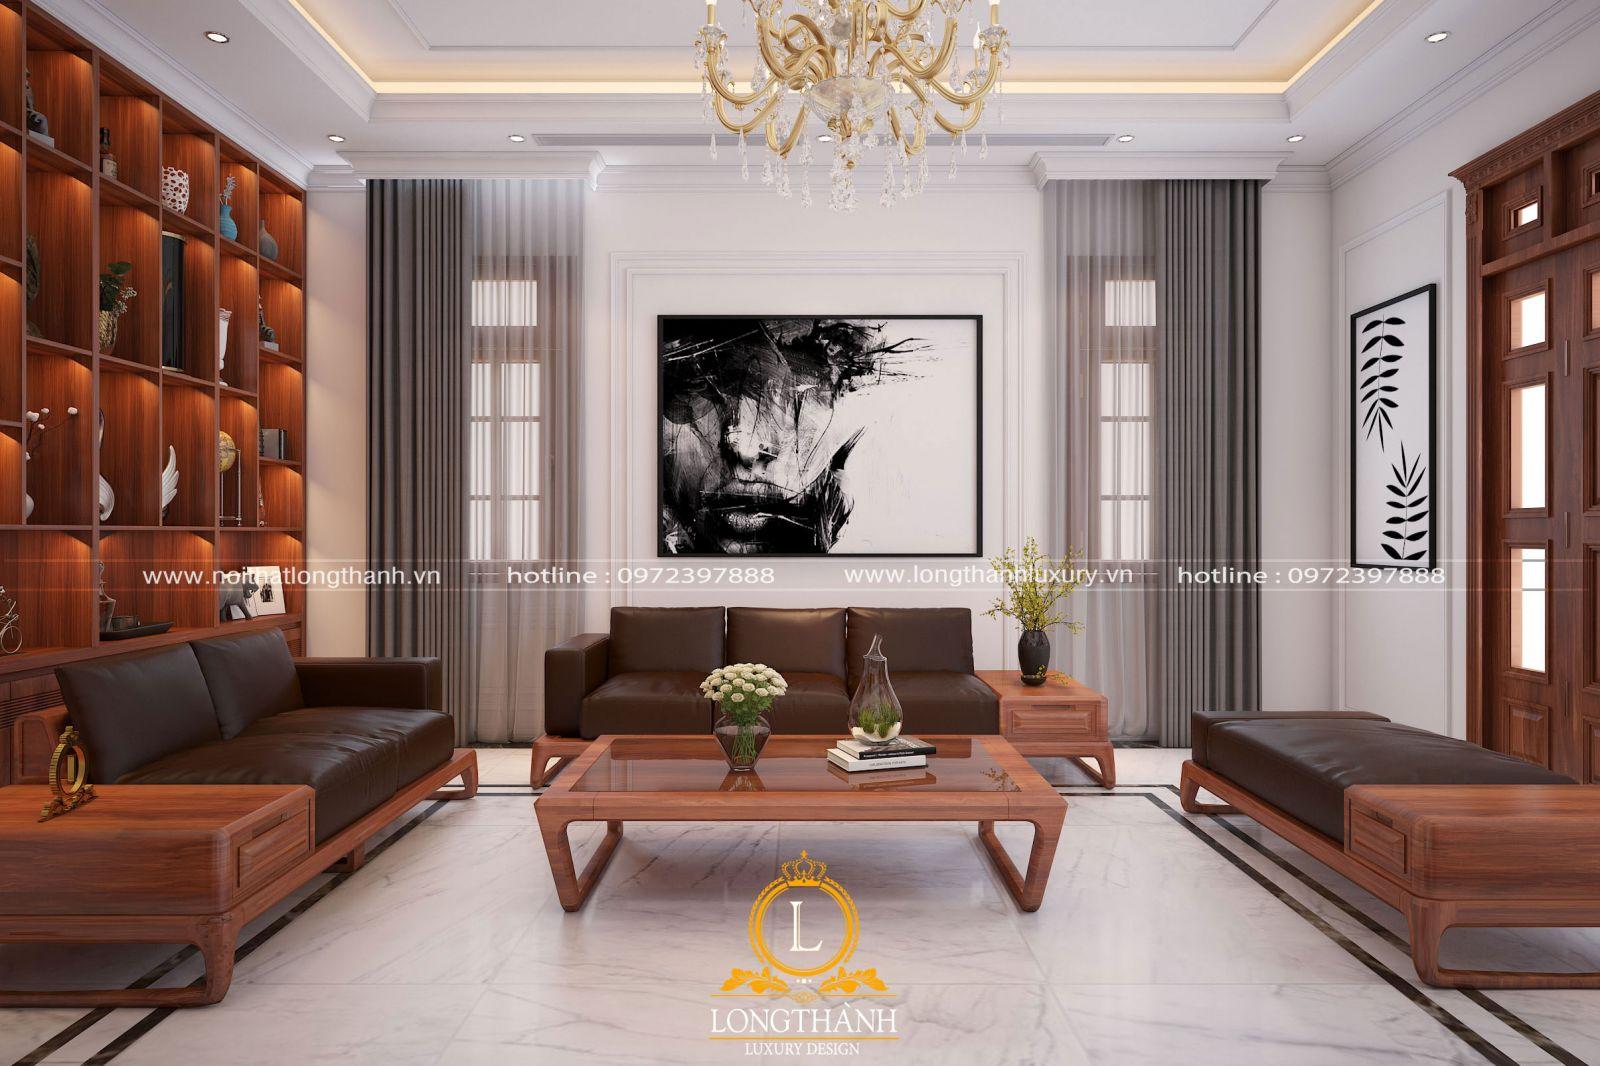 Nội thất sofa gỗ tự nhiên theo phong cách hiện đại đẹp nhẹ nhàng và sang trọng